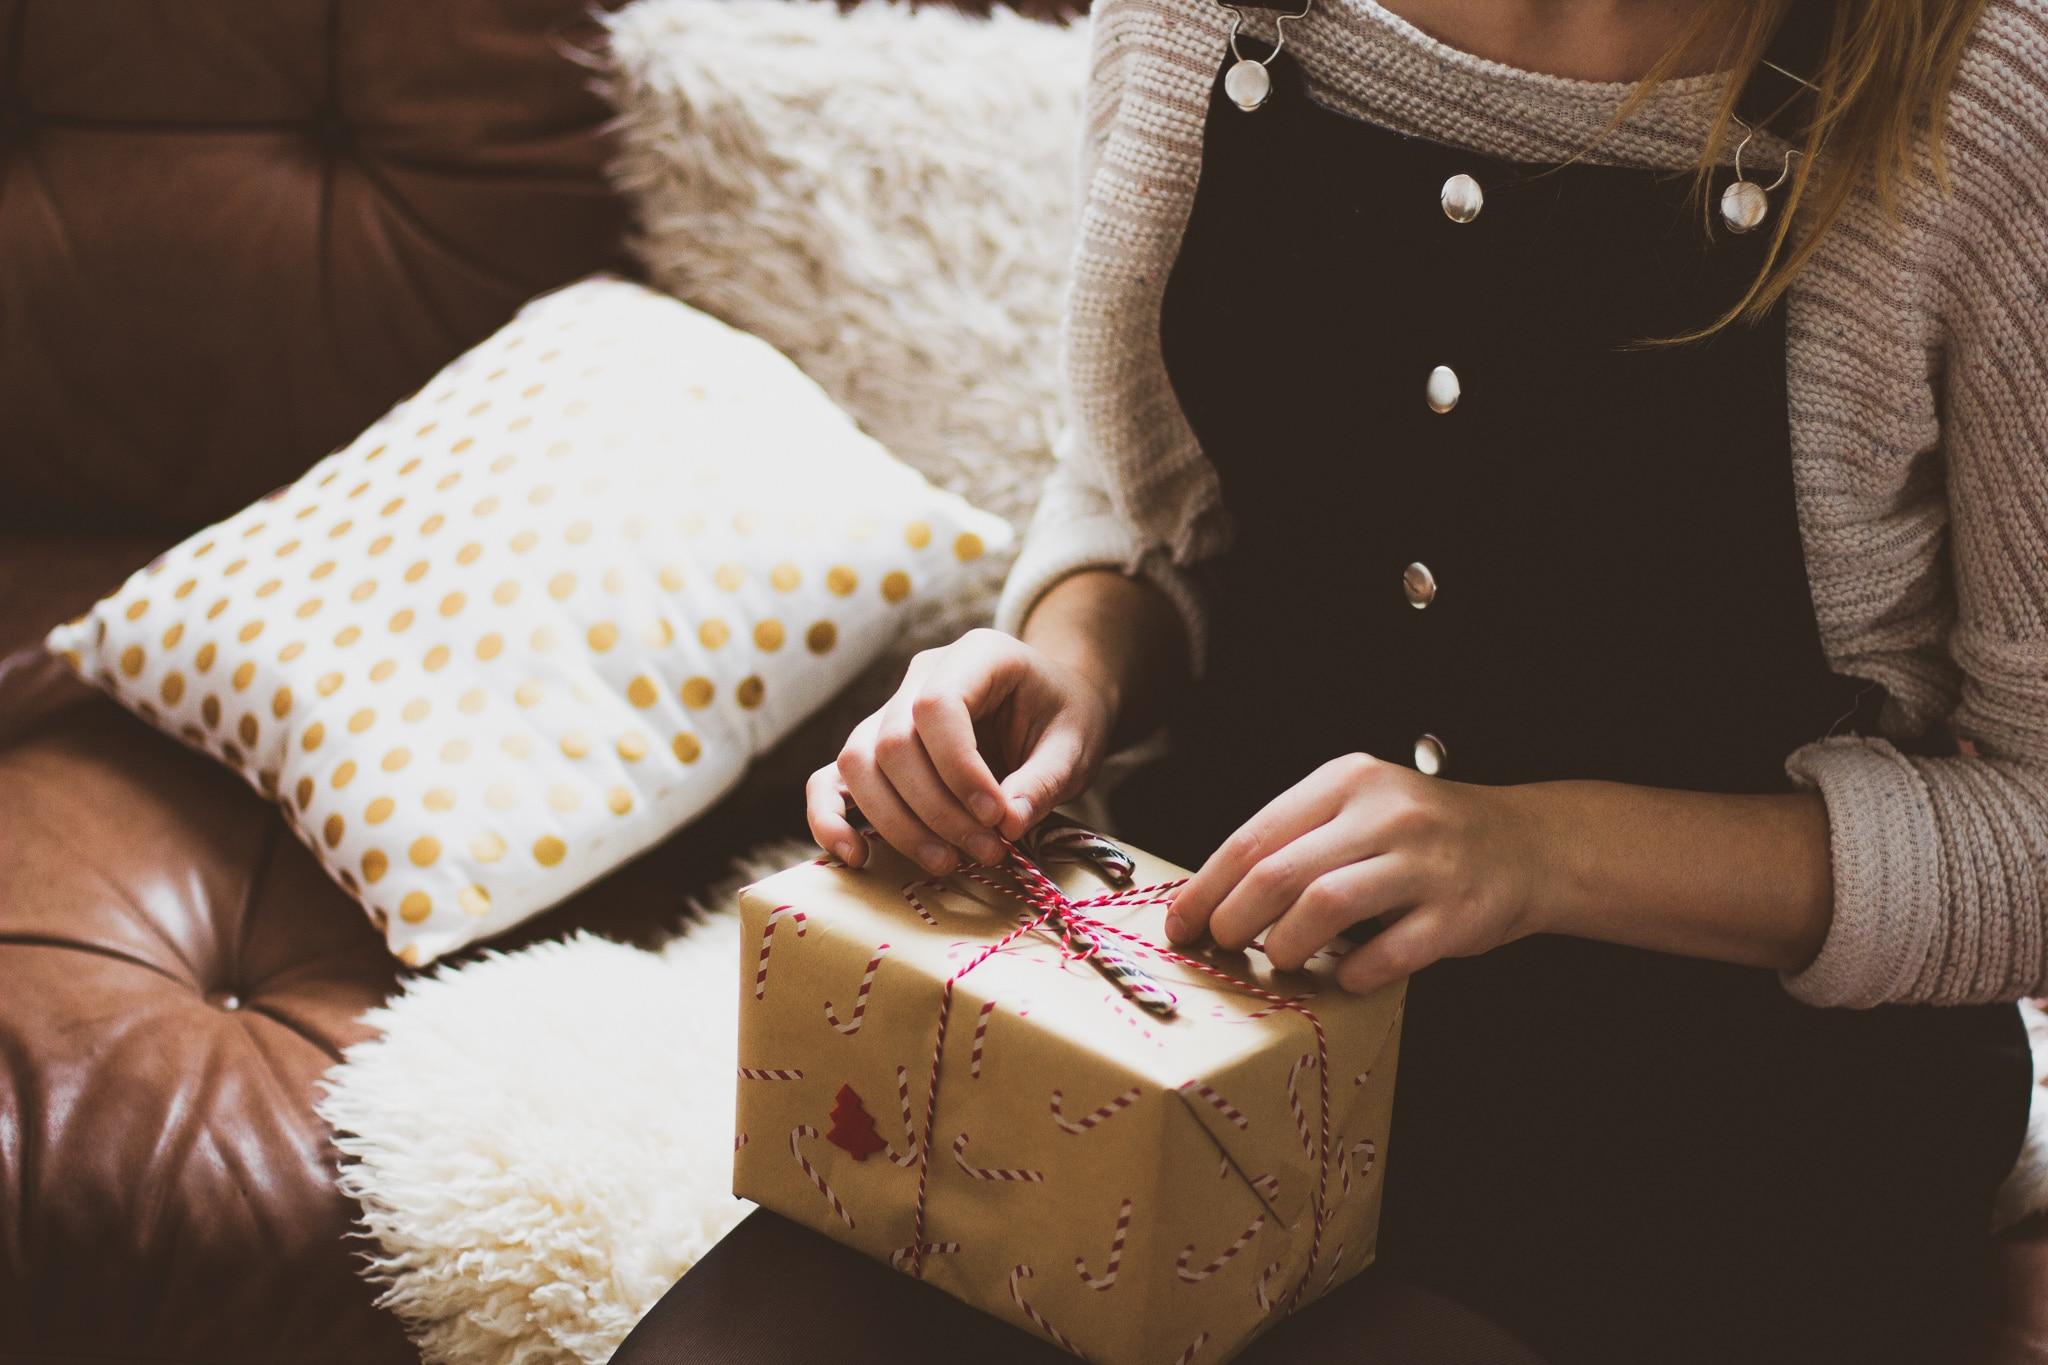 Cadeau de Noël sur les genoux d'une femme